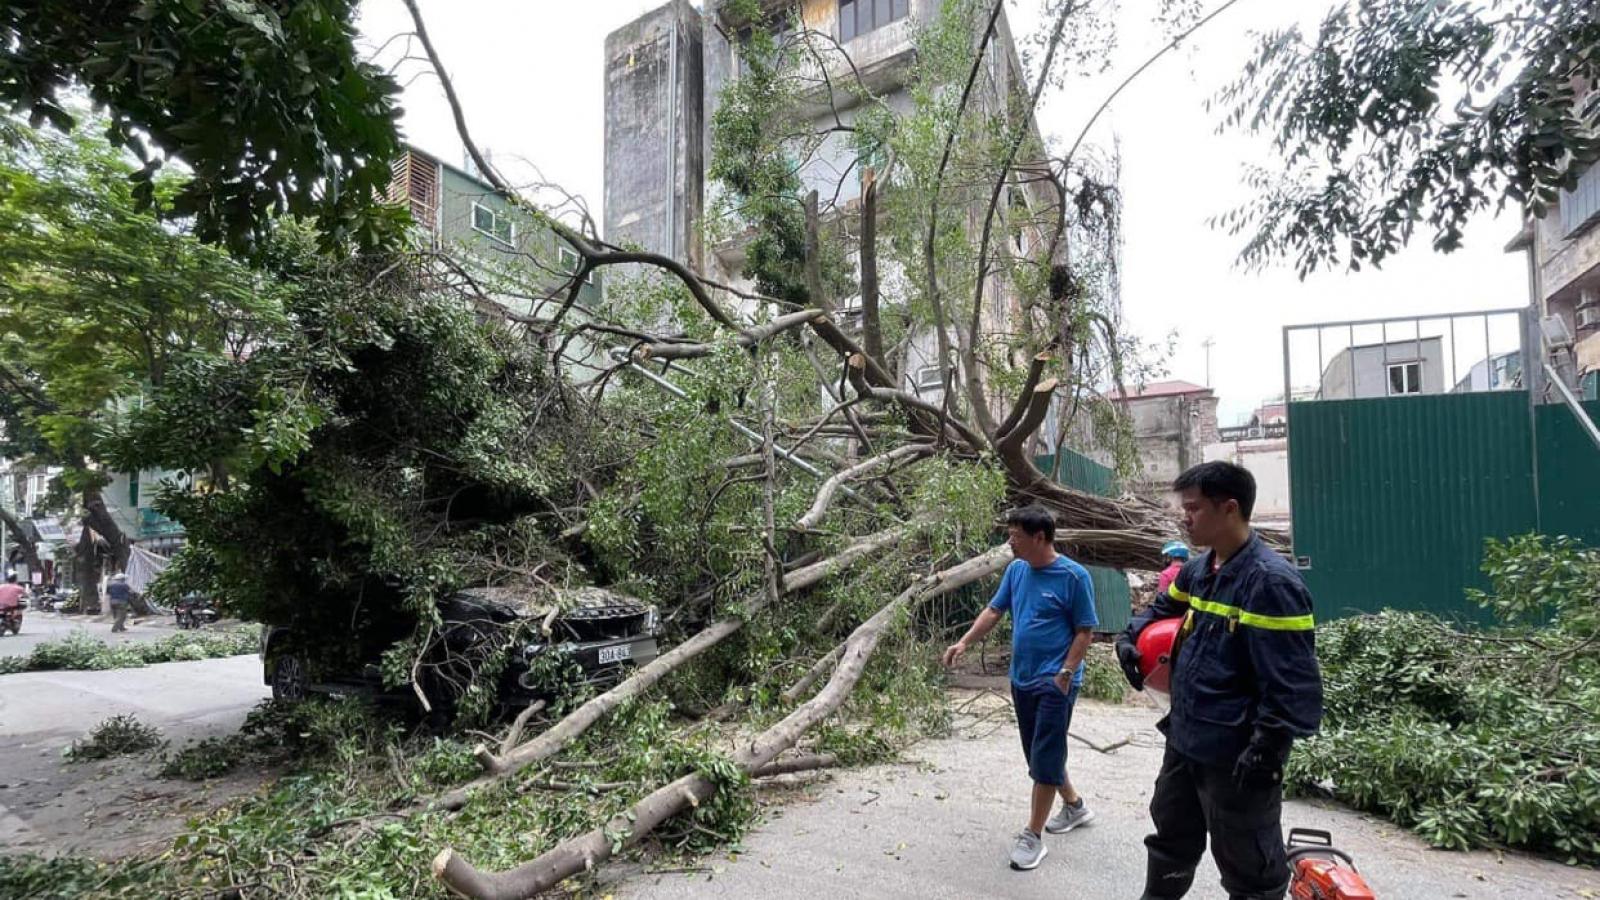 Không mưa gió nhưng cây vẫn đổ đè lên ô tô đang đi trên phố ở Hà Nội